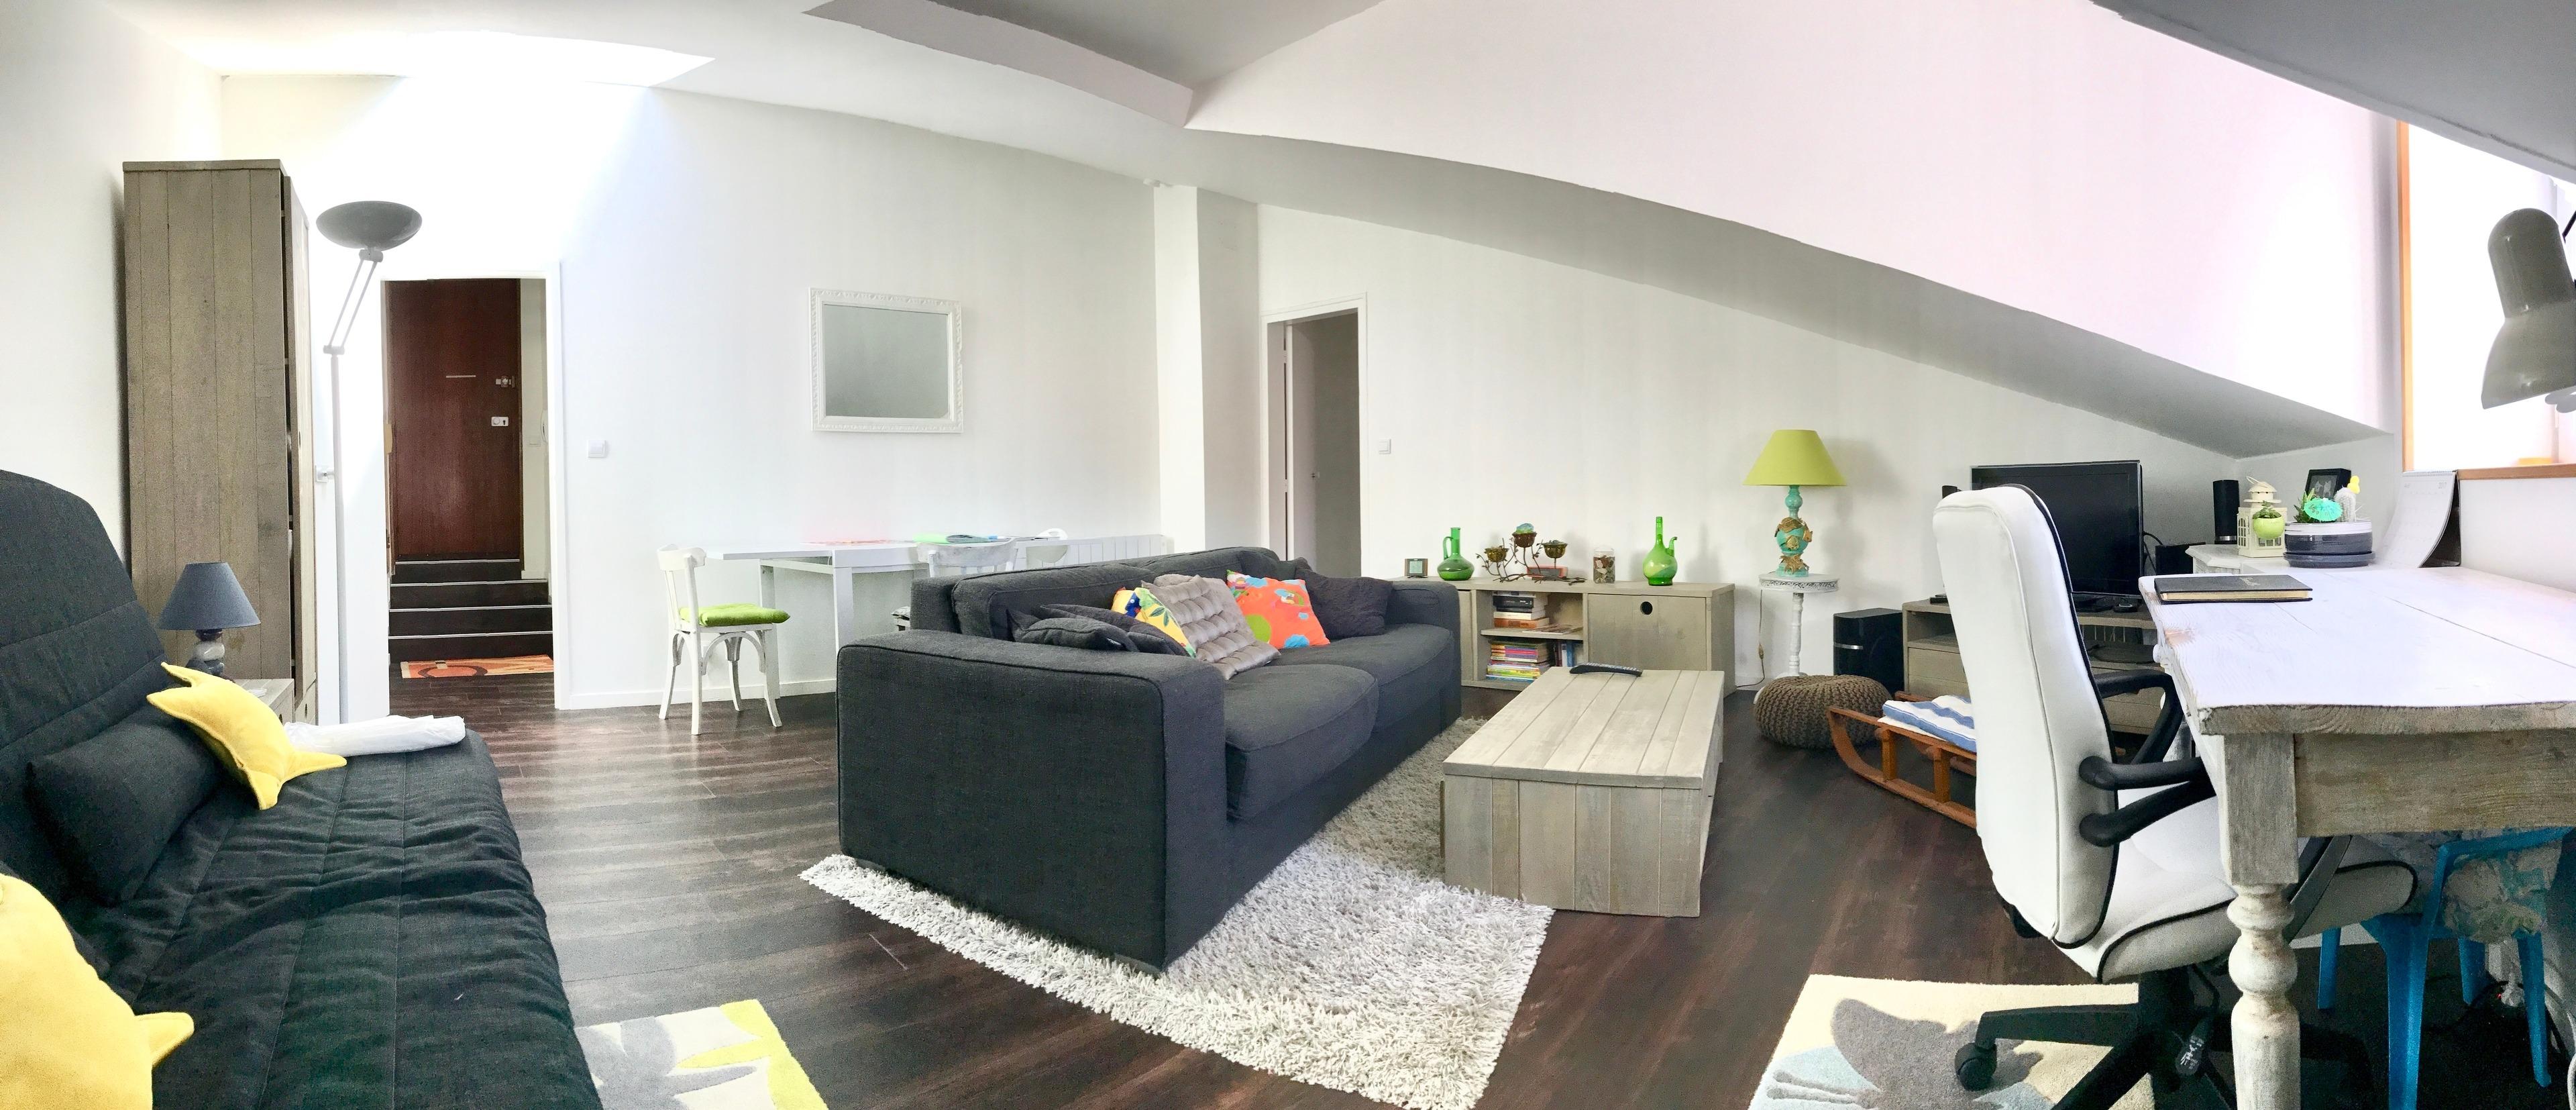 La Rochelle, Ferienwohnung, Zentrale Lage & Ko Ferienwohnung in Frankreich